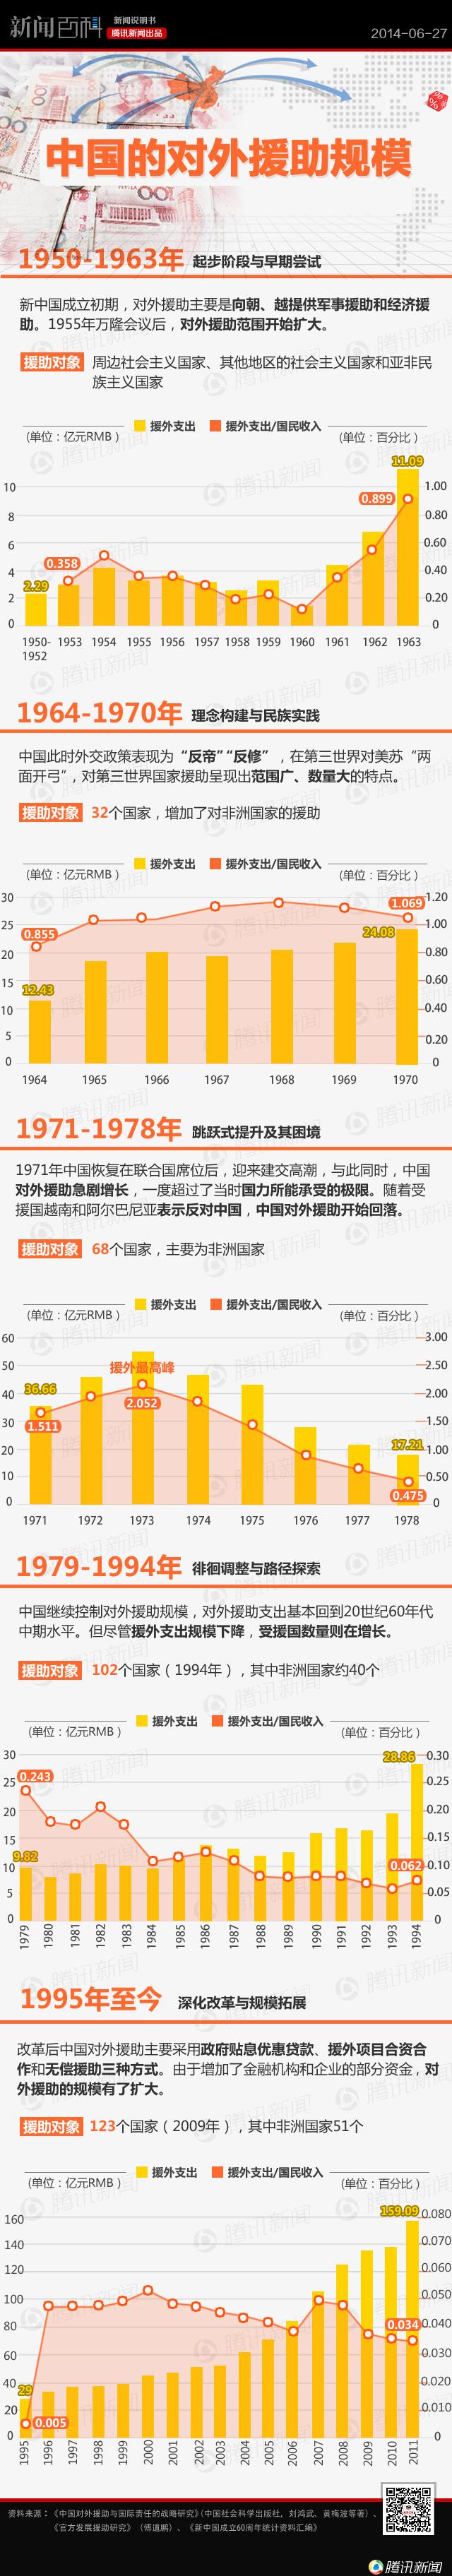 中国的历年对外援助规模 - 张瑞华 - 张瑞华的博客